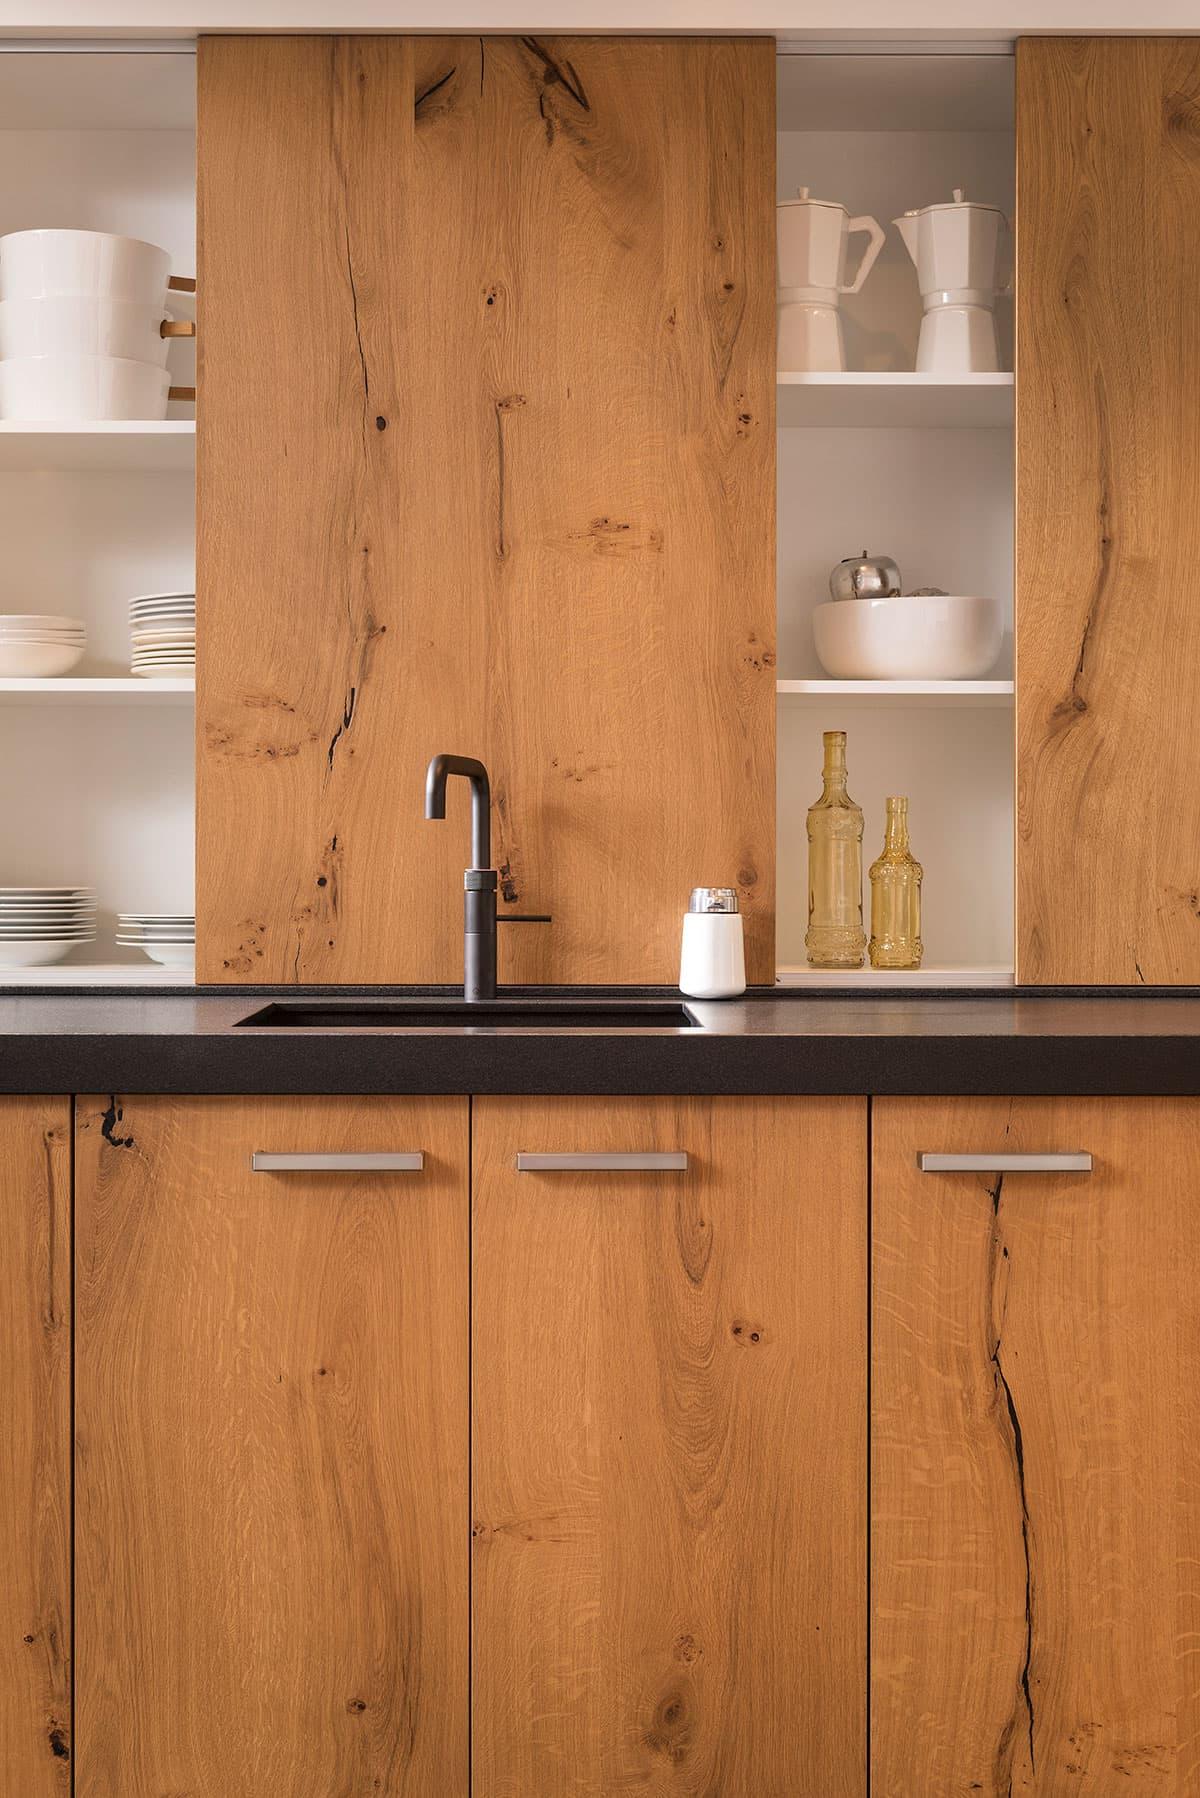 Moderne witte keuken keukenstudio regio oost - Oude en moderne keuken ...